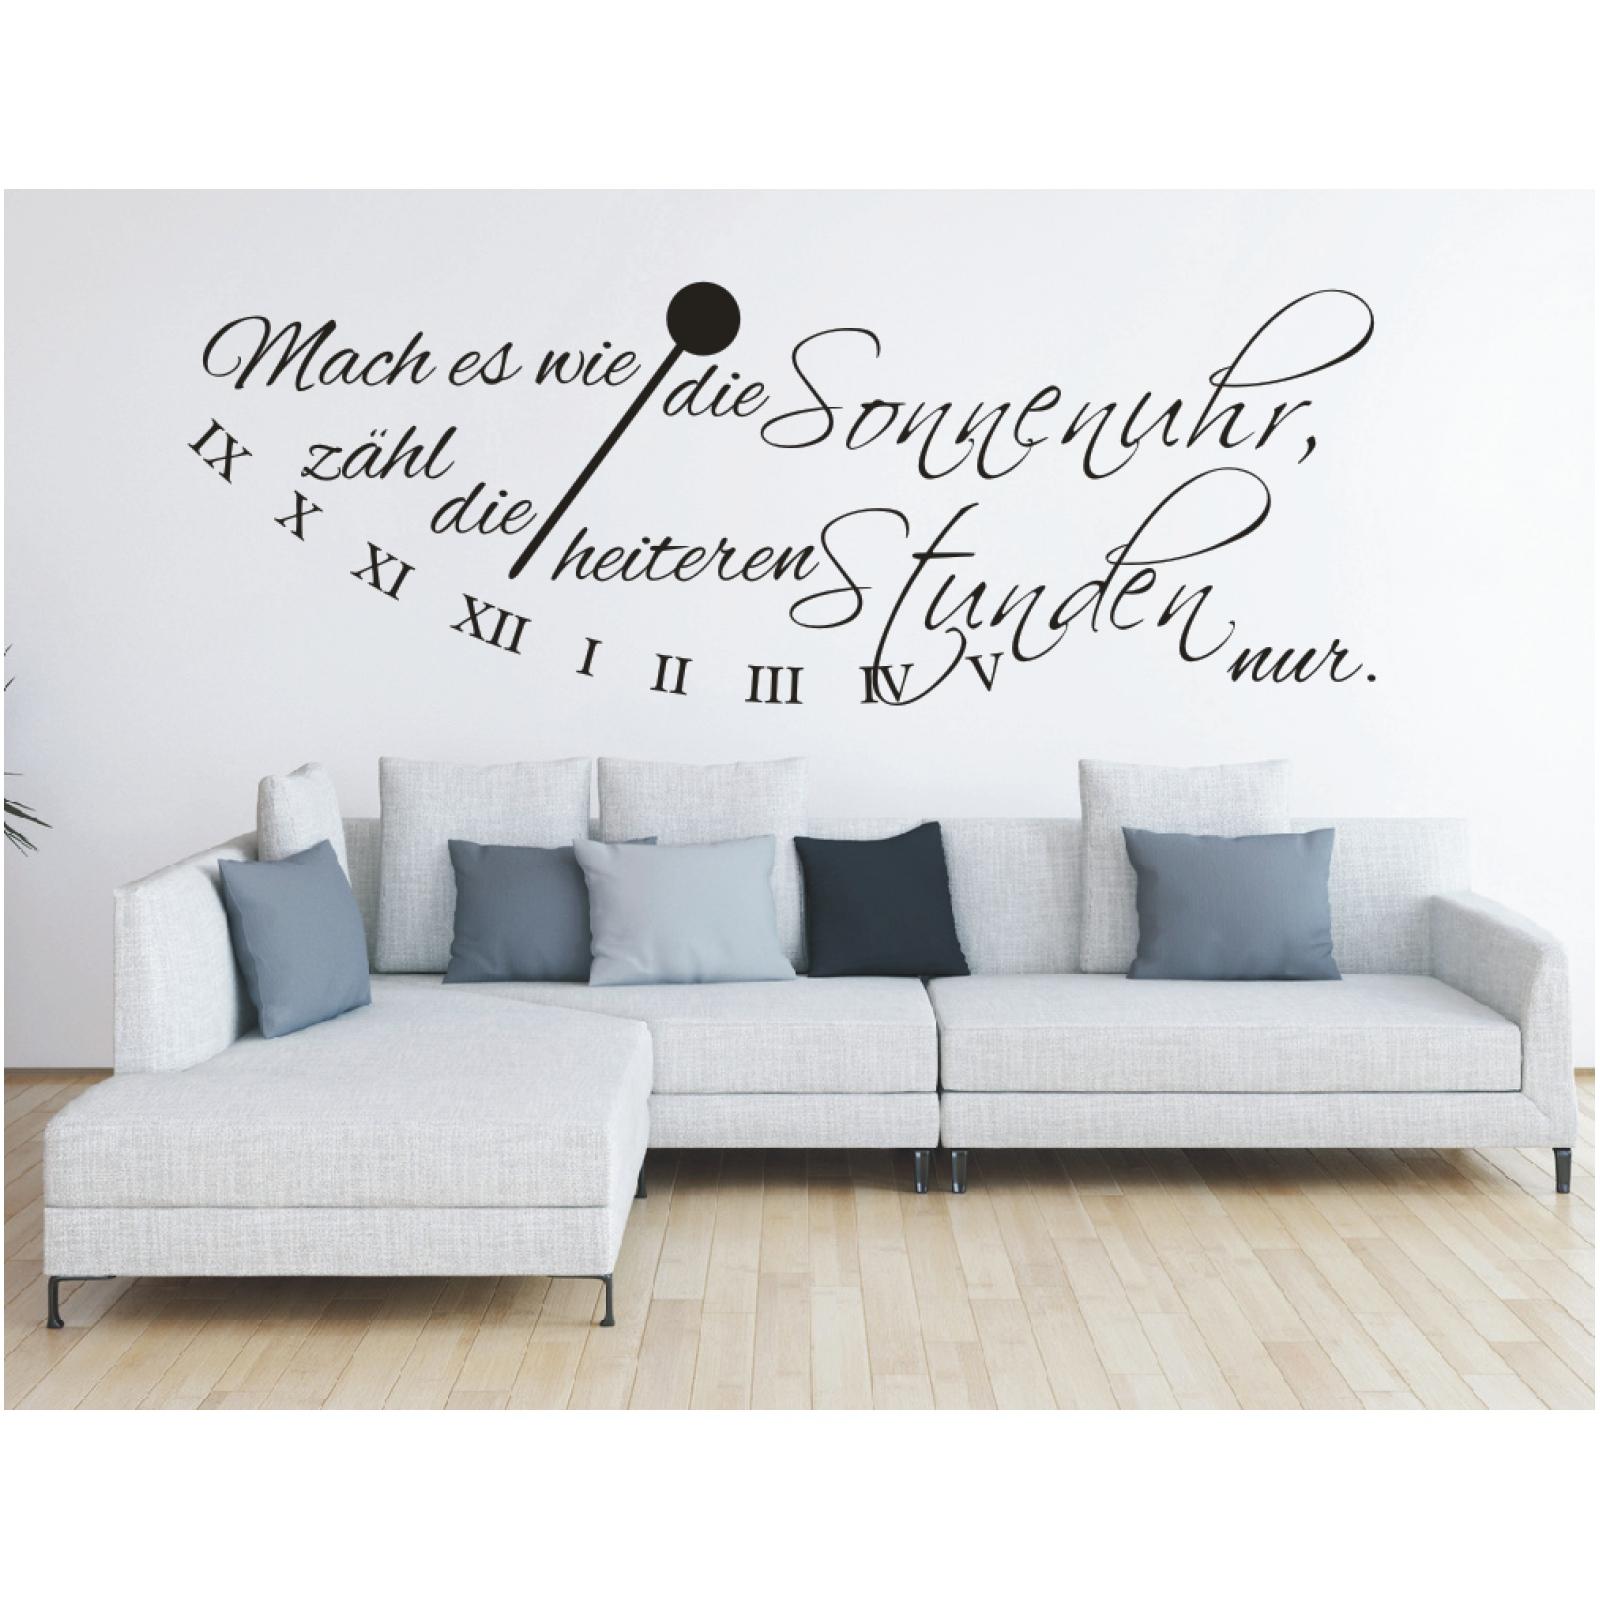 wandtattoo spruch mach es wie die sonnenuhr wandsticker wandaufkleber sticker 5 ebay. Black Bedroom Furniture Sets. Home Design Ideas